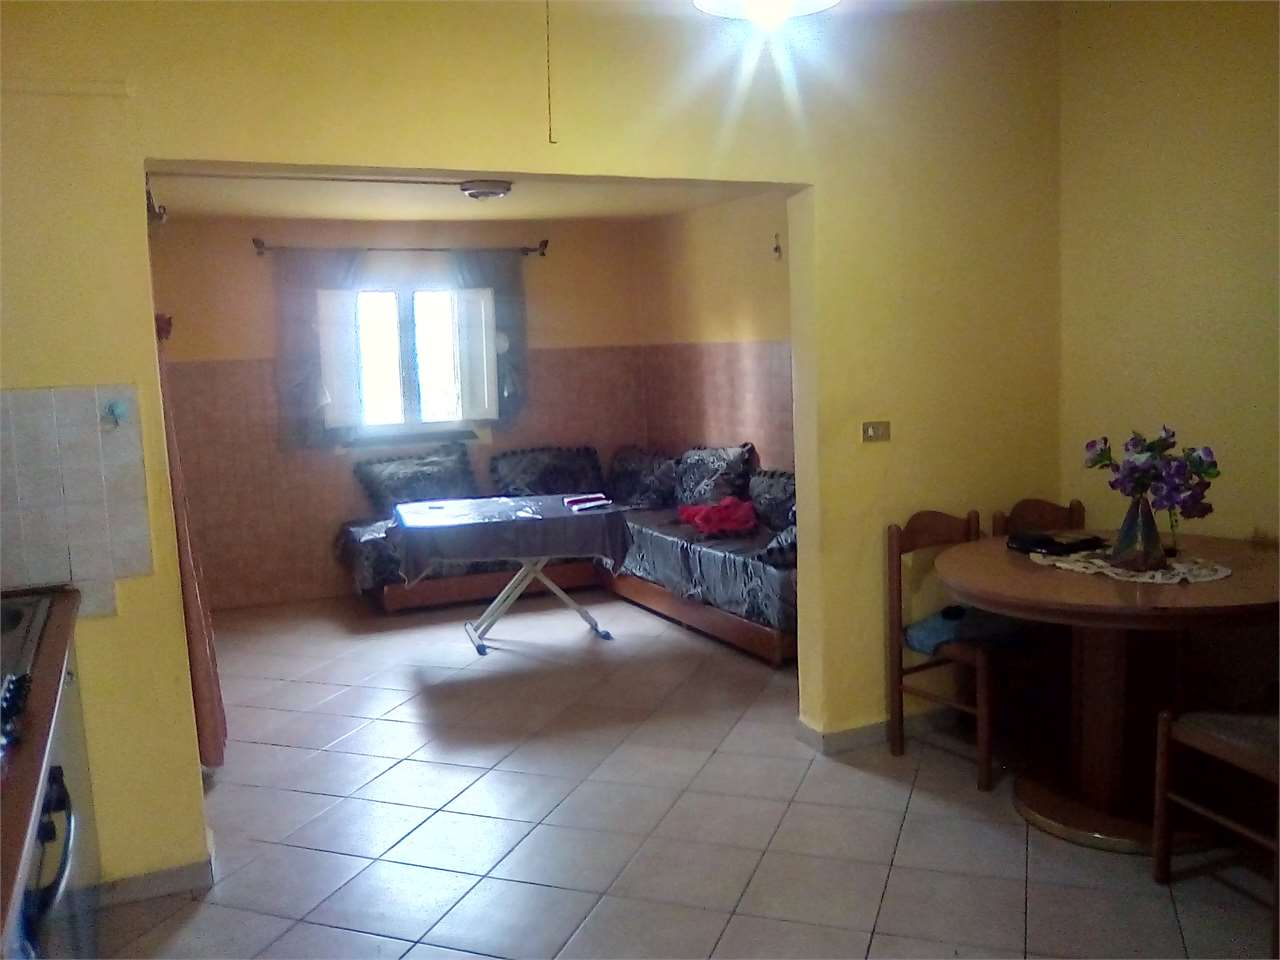 Casa indipendente con giardino a Castelfranco di Sotto - galleno - 01